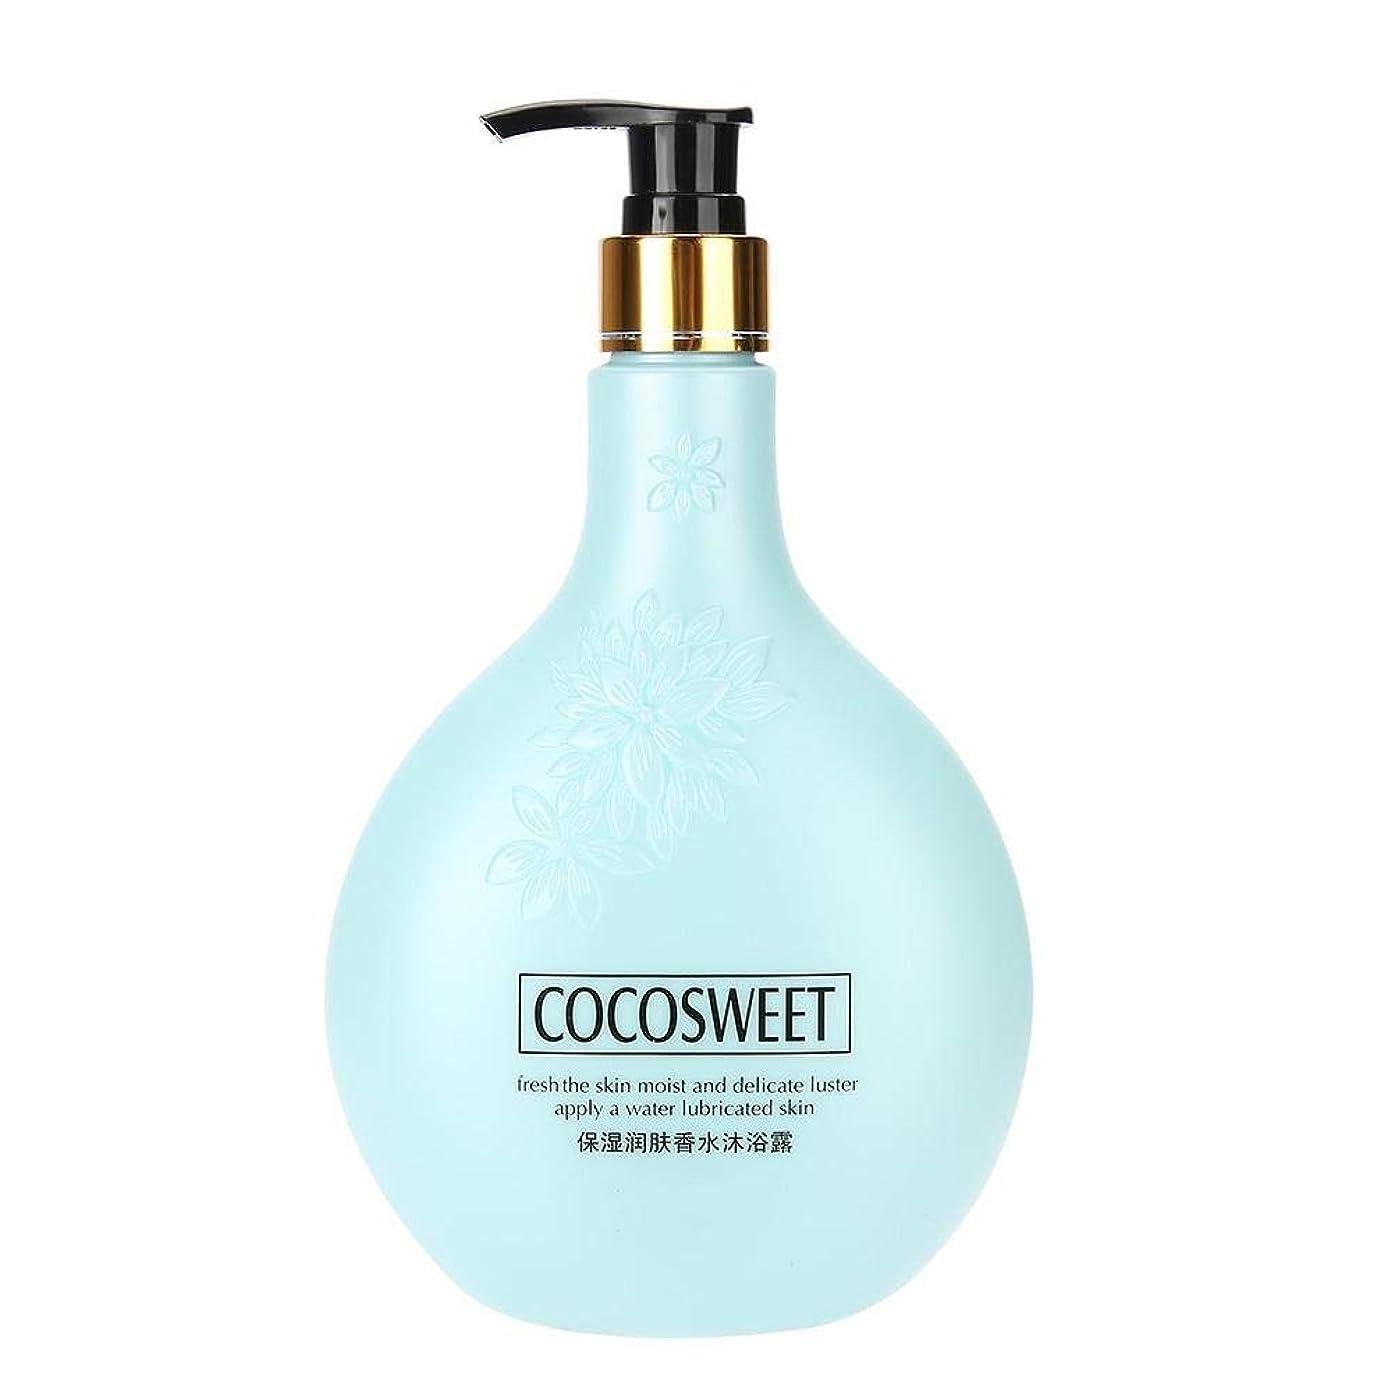 受ける成熟予想外ボディシャンプー、500ml香り保湿シャワージェル天然成分クリーンボディスキンケアバスルームアクセサリー(Blue)